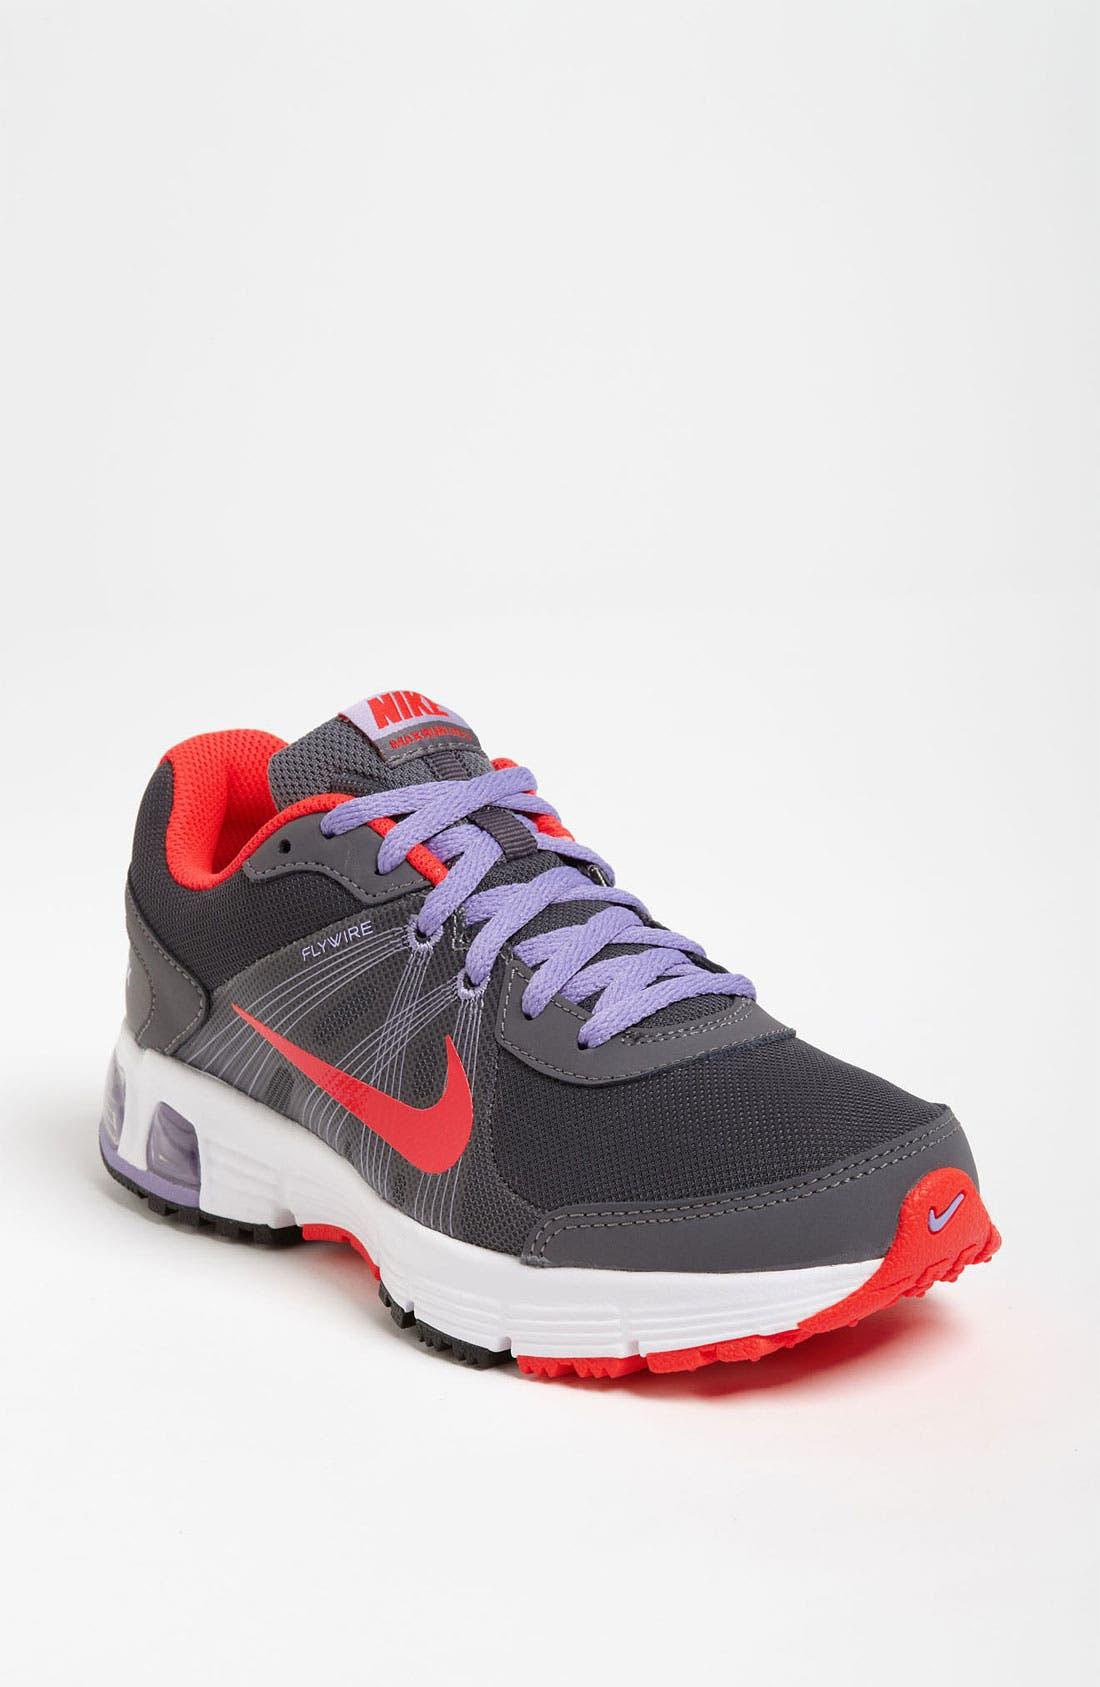 Main Image - Nike 'Air Max Run Lite 3' Running Shoe (Women)